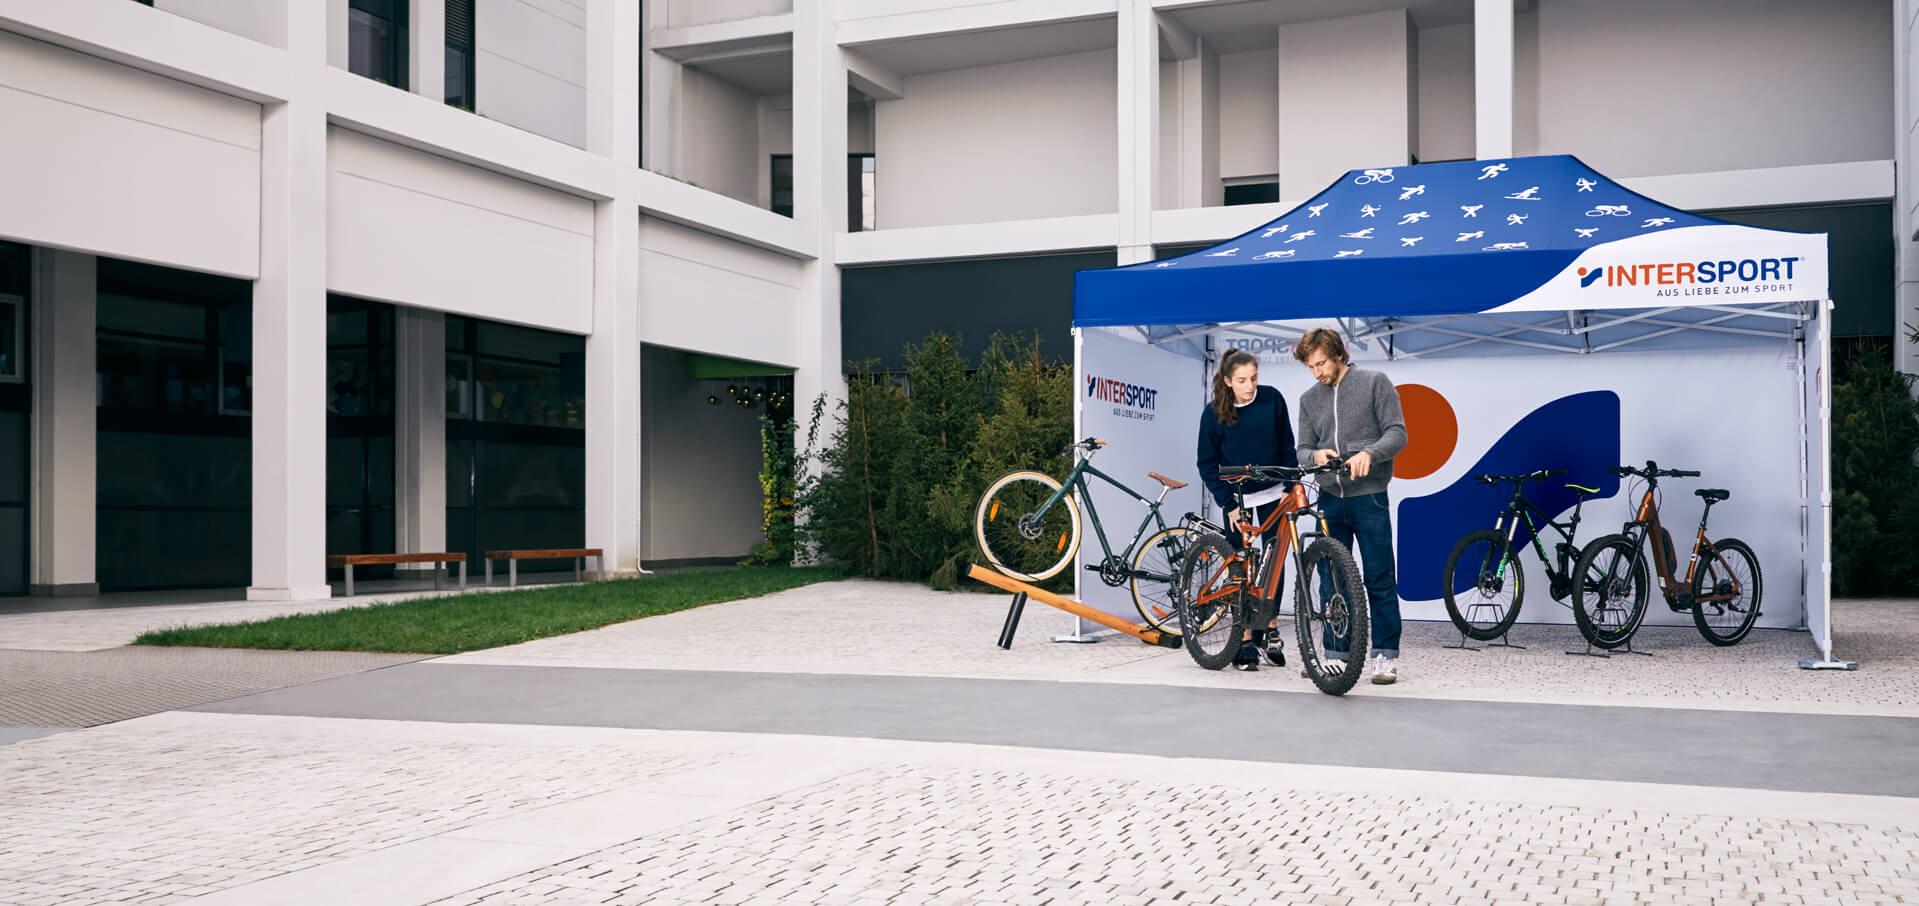 Bedruckter Faltpavillon von Intersport. Der gesamte Faltpavillon ist in den Intersport-Farben bedruckt und es werden damit Fahrräder verkauft. Vor dem Faltpavillon wird ein Verkaufsgespräch geführt.